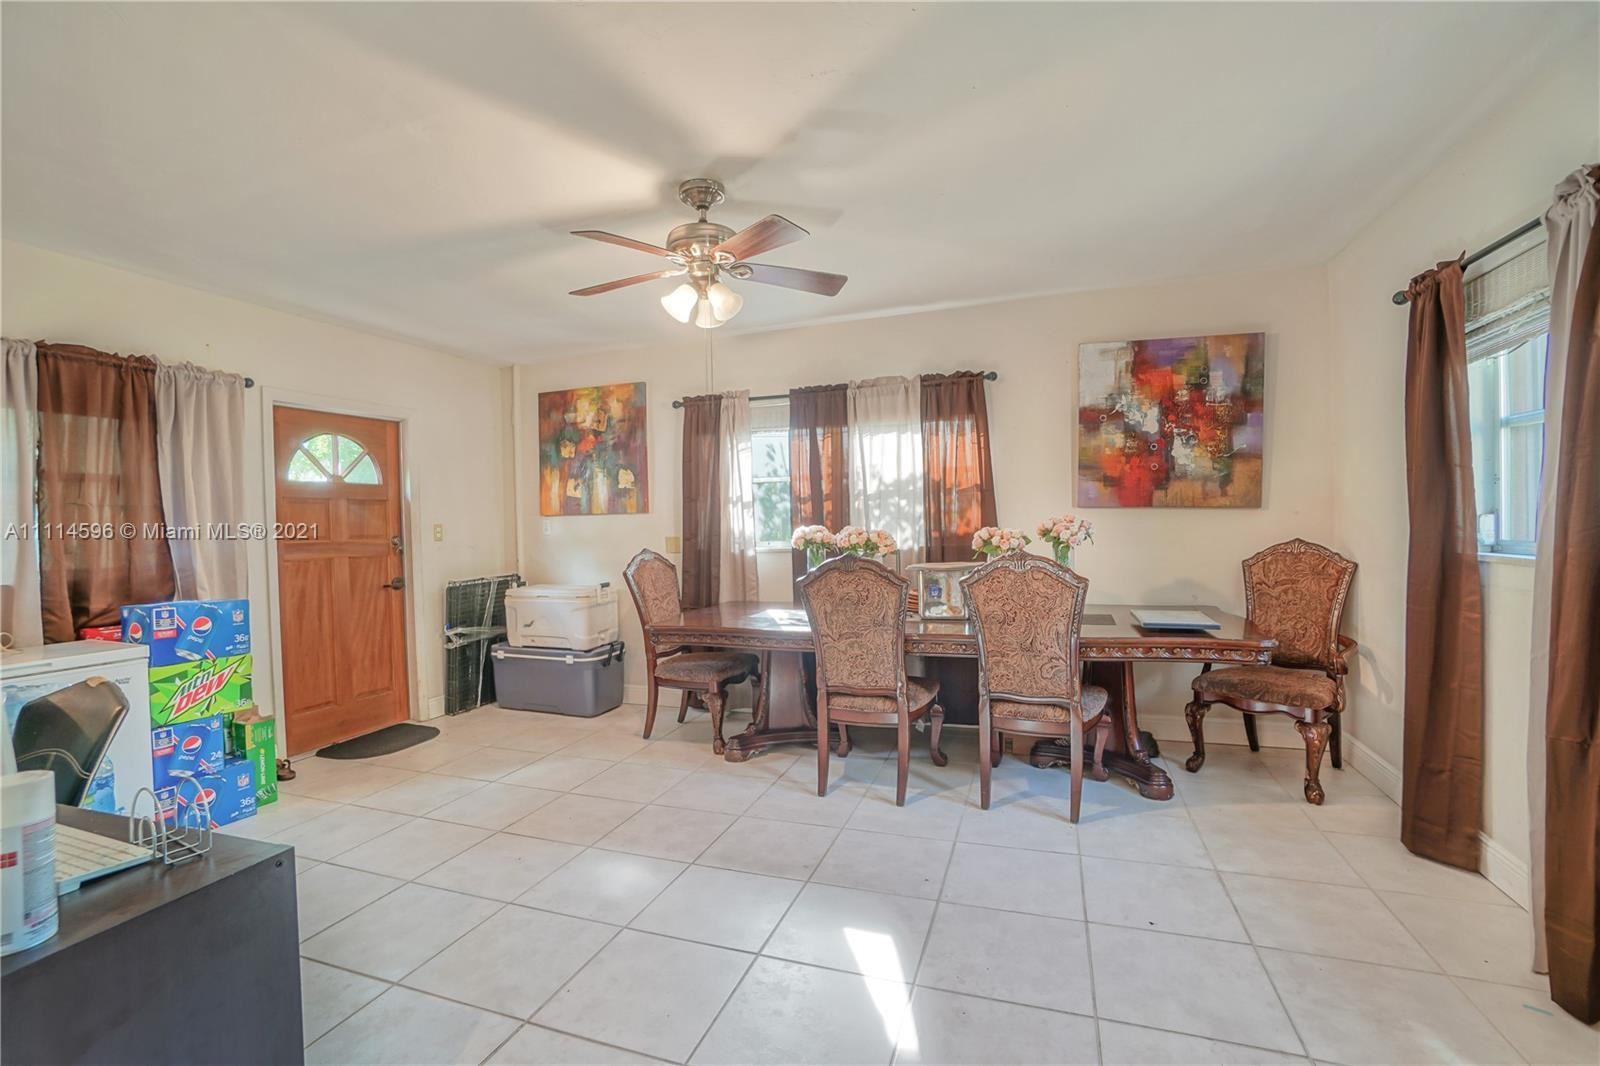 Photo of 13940 NE 10th Ave, North Miami, FL 33161 (MLS # A11114596)